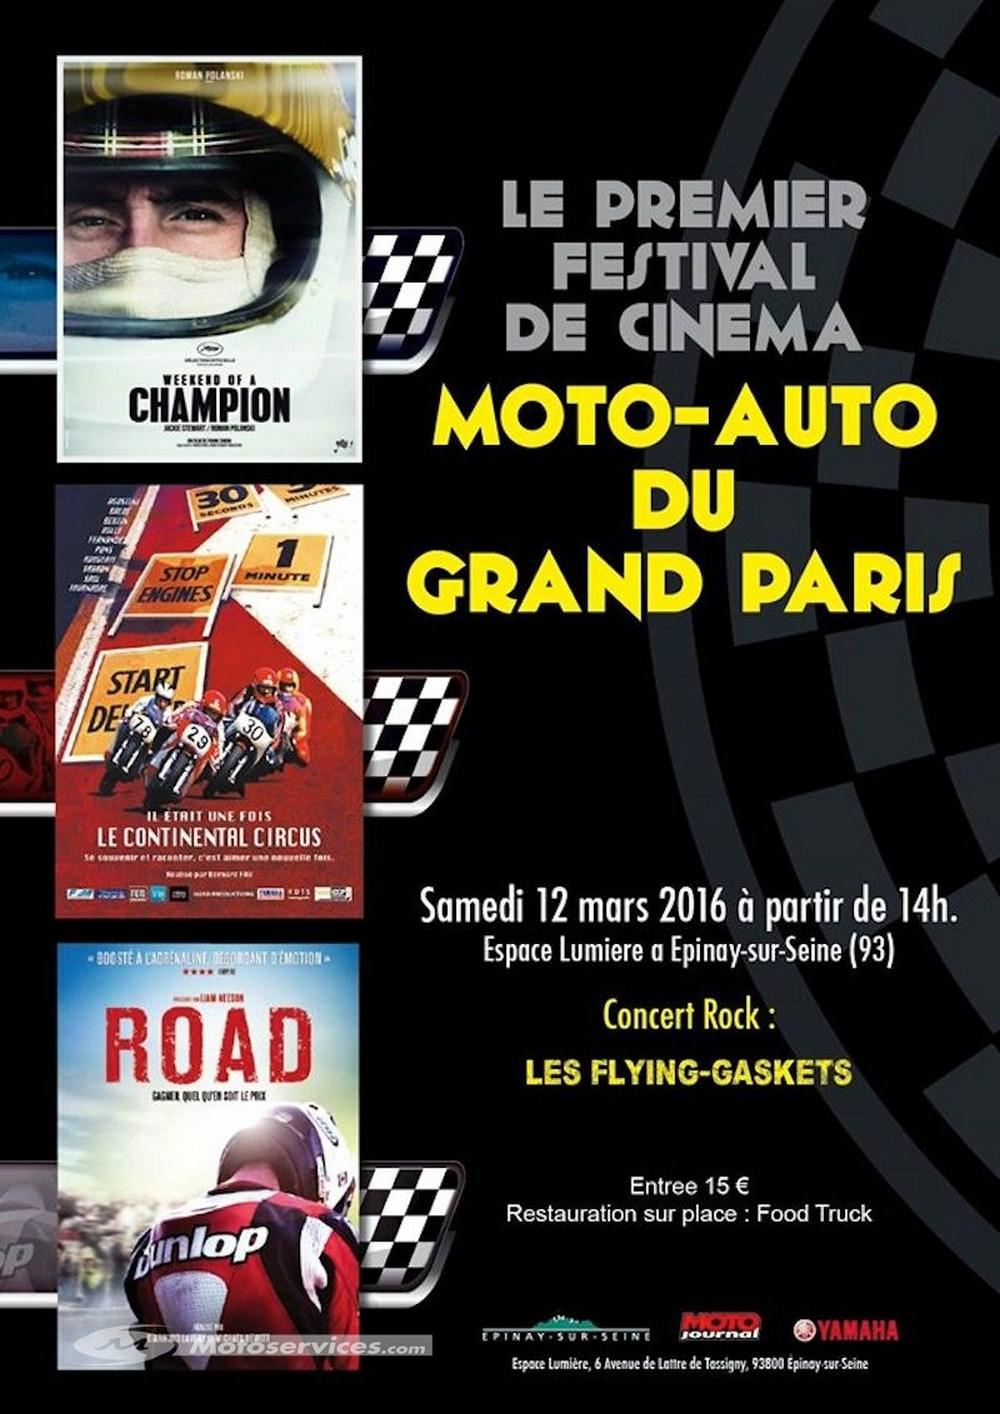 Premier Festival de Cinéma Moto-Auto du Grand Paris